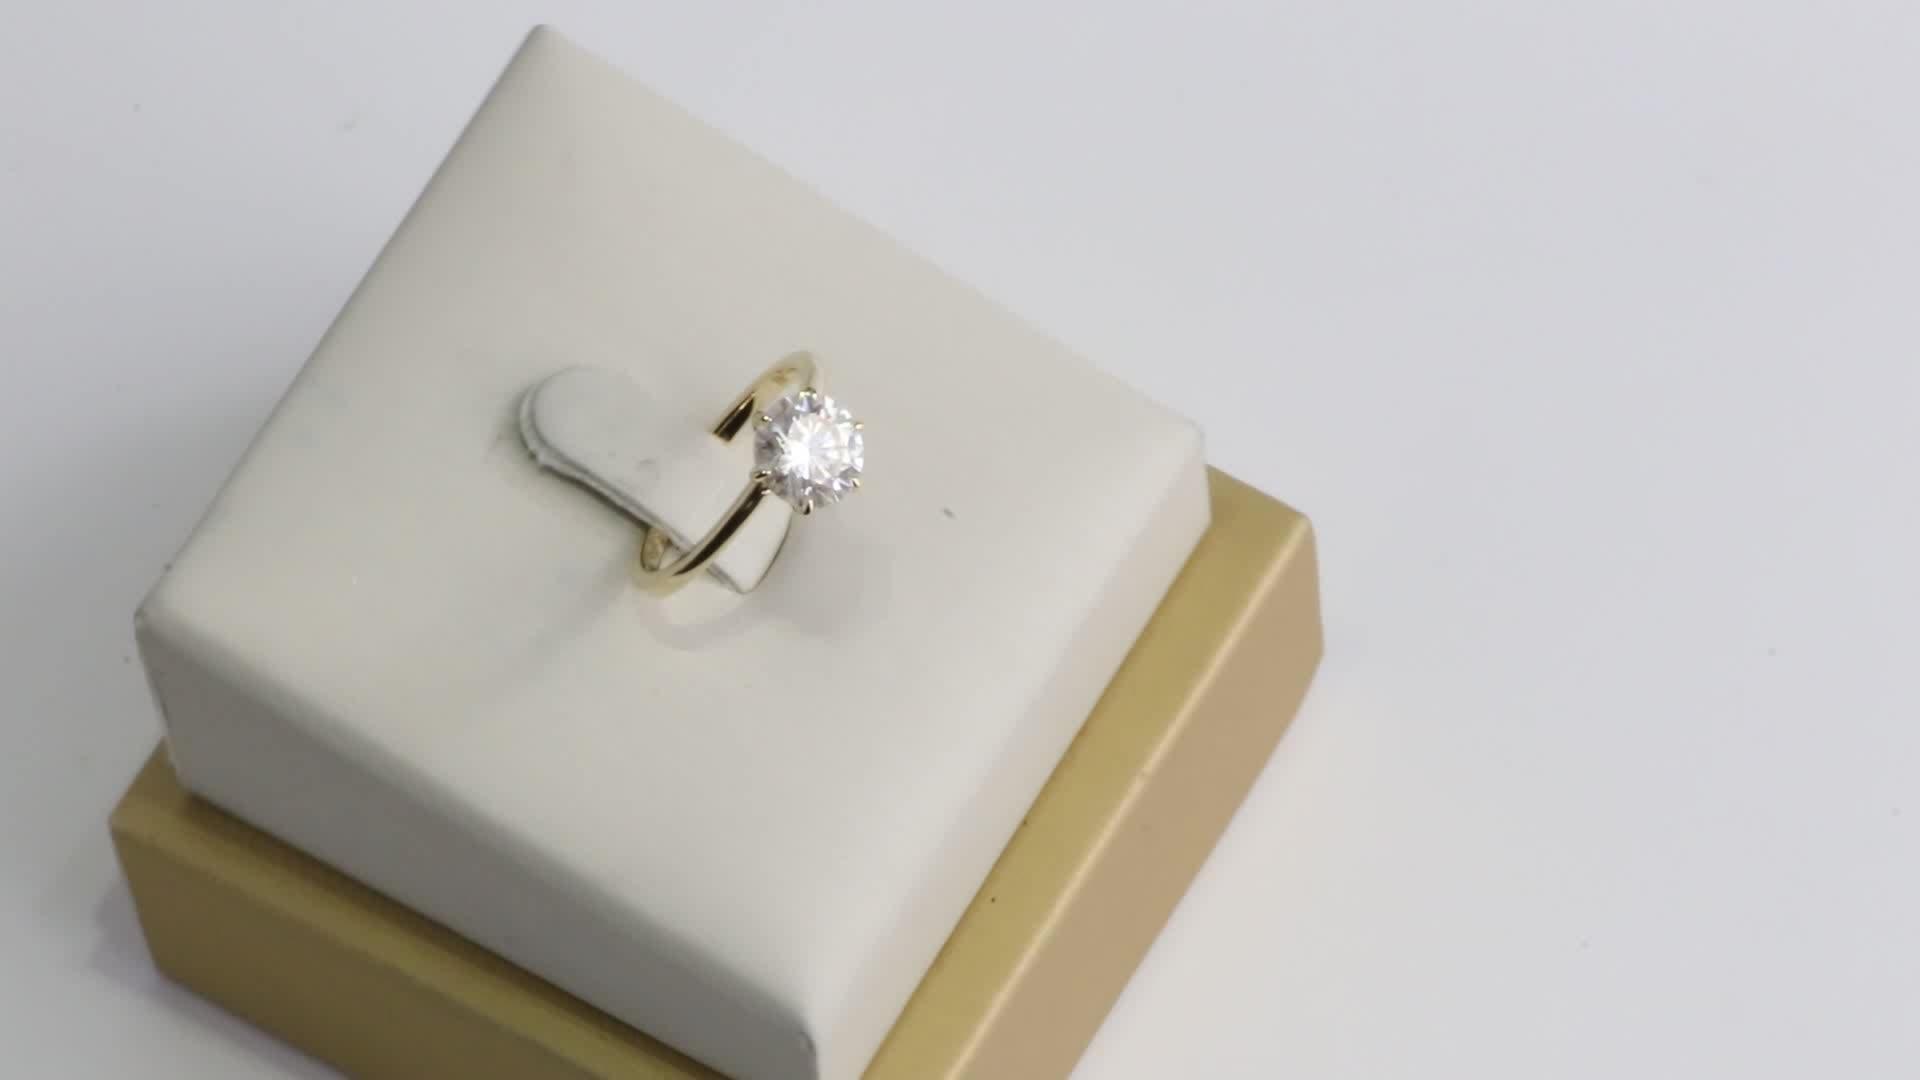 Su ordinazione 14k solido giallo oro 1.5carat 7.5 millimetri rotonda GH colore moissanite lab diamante anello di fidanzamento